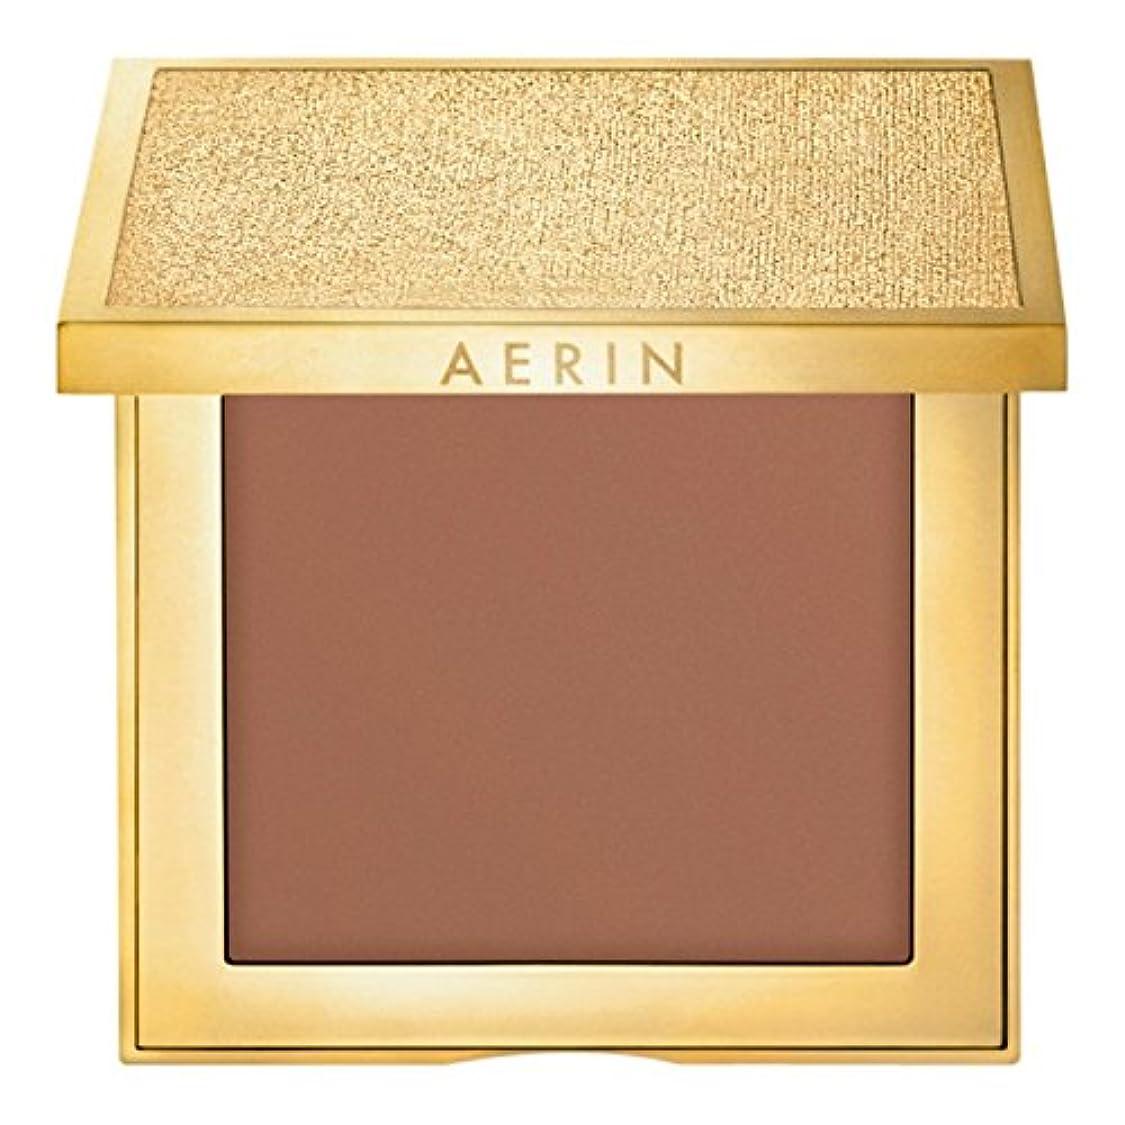 サポートヒギンズリーガンAerin新鮮な肌コンパクトメイクアップレベル6 (AERIN) - AERIN Fresh Skin Compact Makeup Level 6 [並行輸入品]